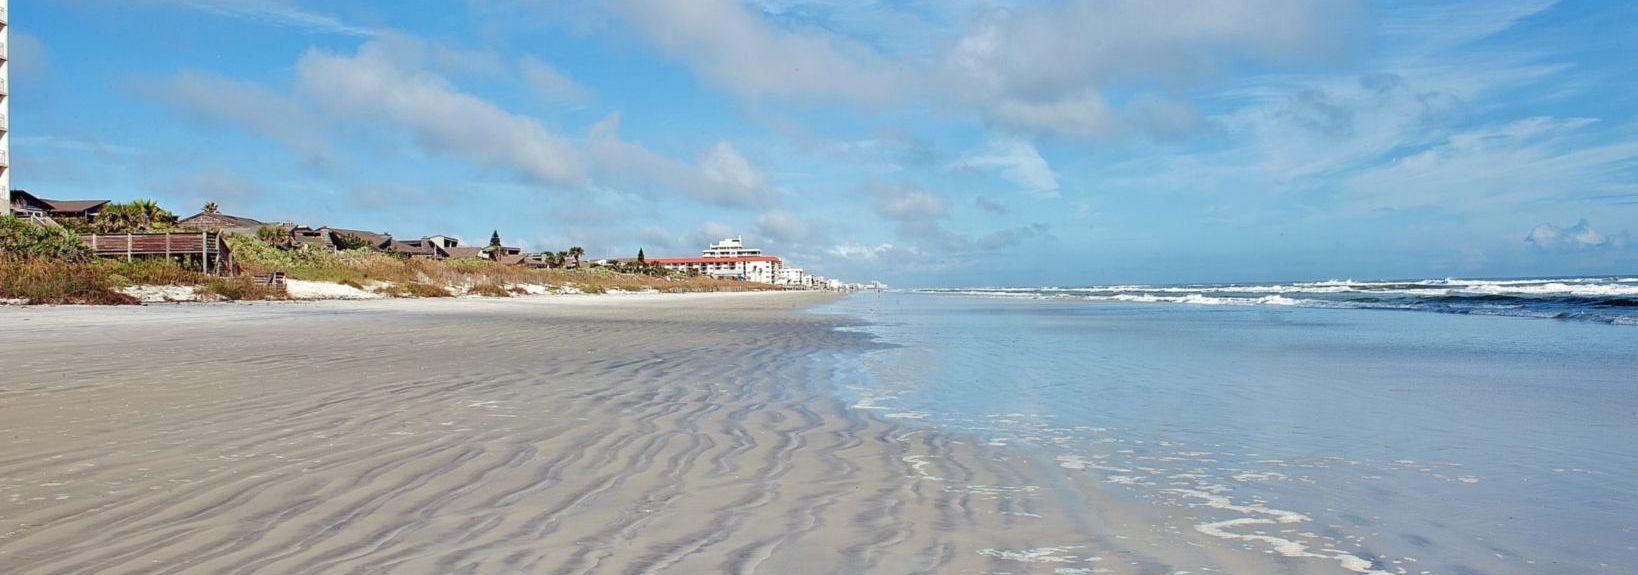 Hacienda del Sol I, New Smyrna Beach, Floride, États-Unis d'Amérique